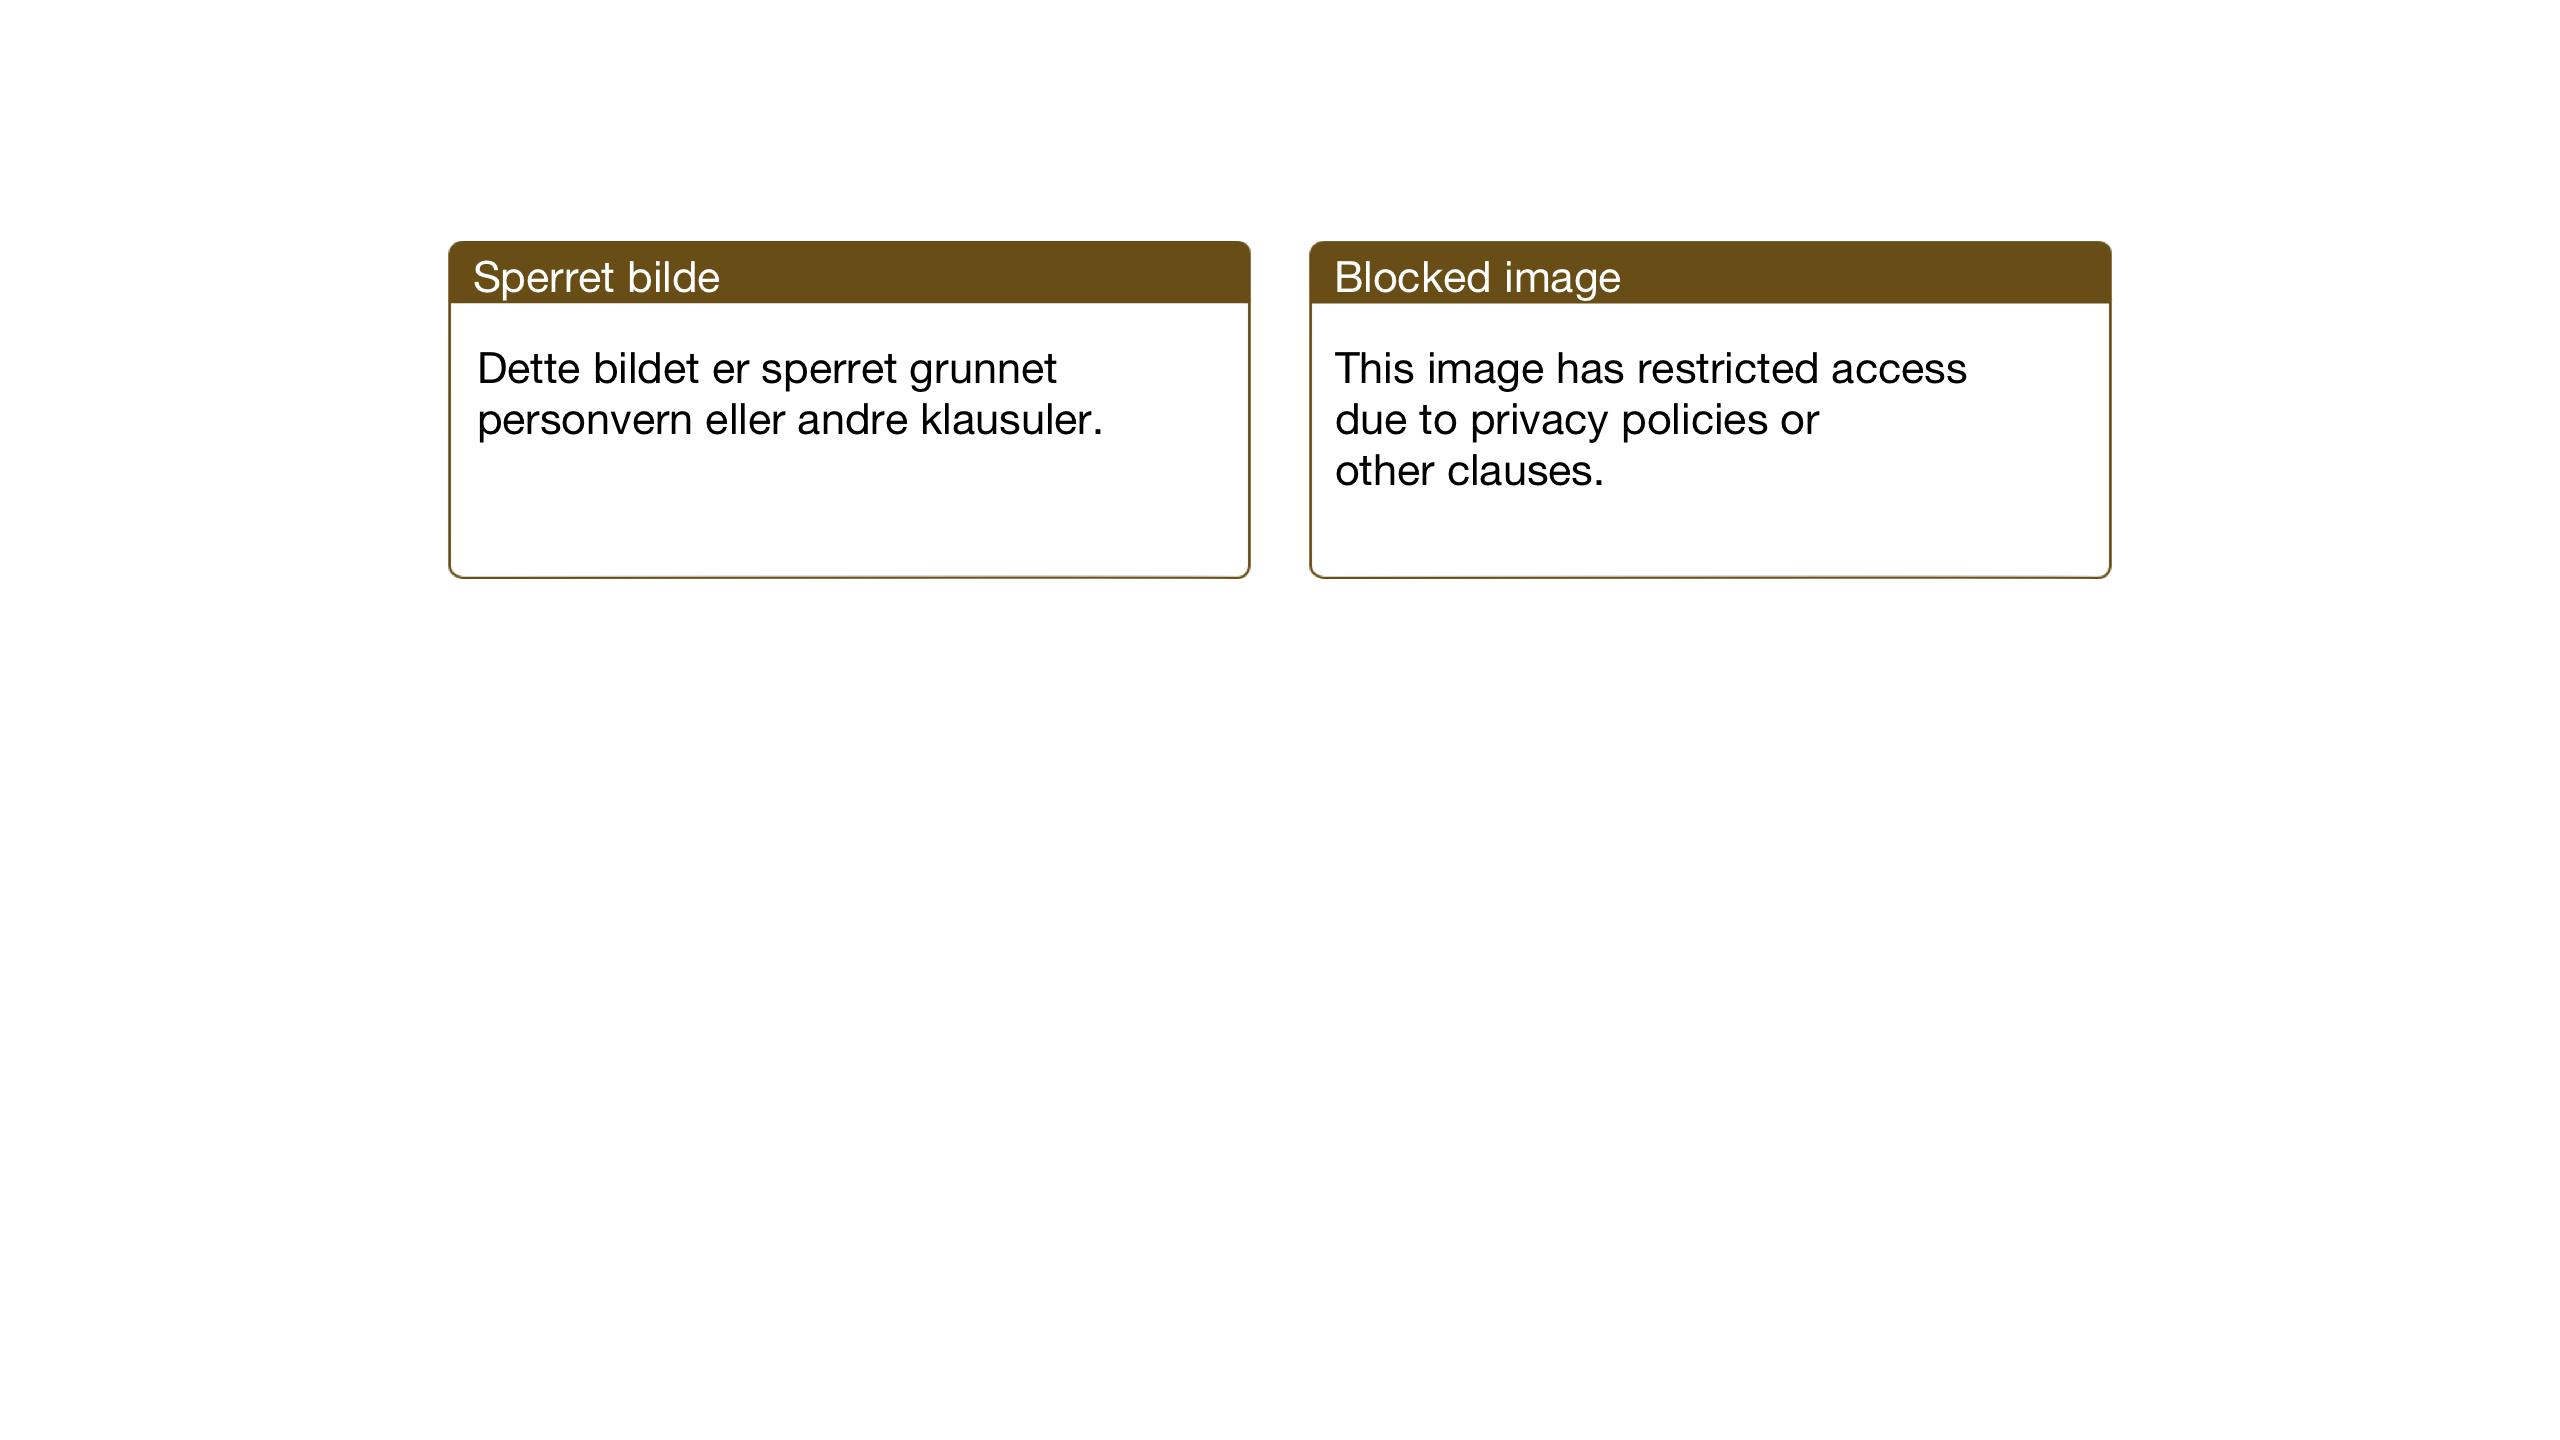 SAT, Ministerialprotokoller, klokkerbøker og fødselsregistre - Sør-Trøndelag, 630/L0506: Klokkerbok nr. 630C04, 1914-1933, s. 113